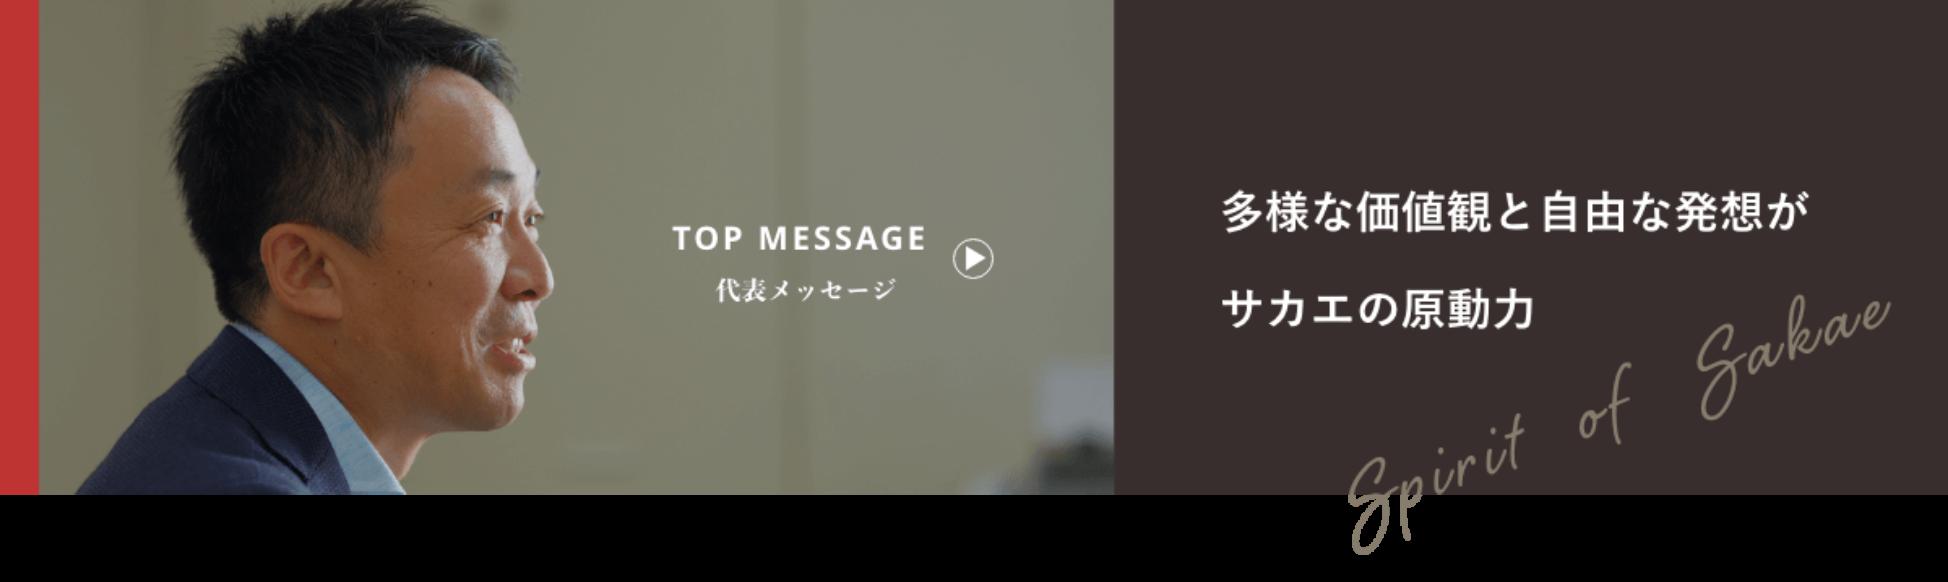 TOP MESSAGE 代表メッセージ